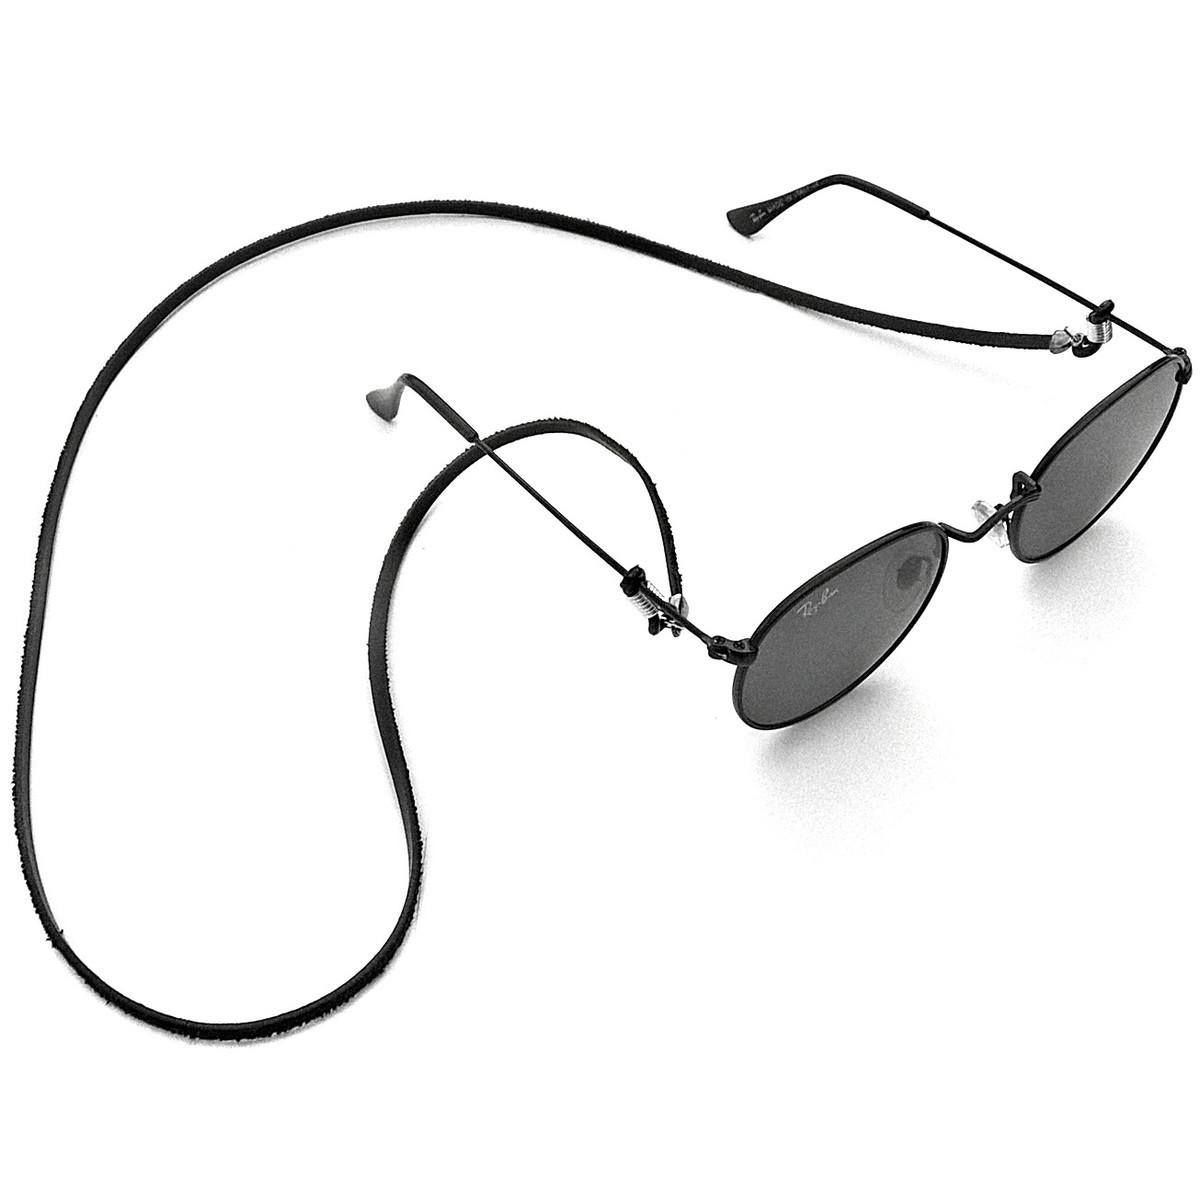 15e1786c1 Corda De Oculos Corrente Para Oculos no Elo7   Gafeno Acessórios ...